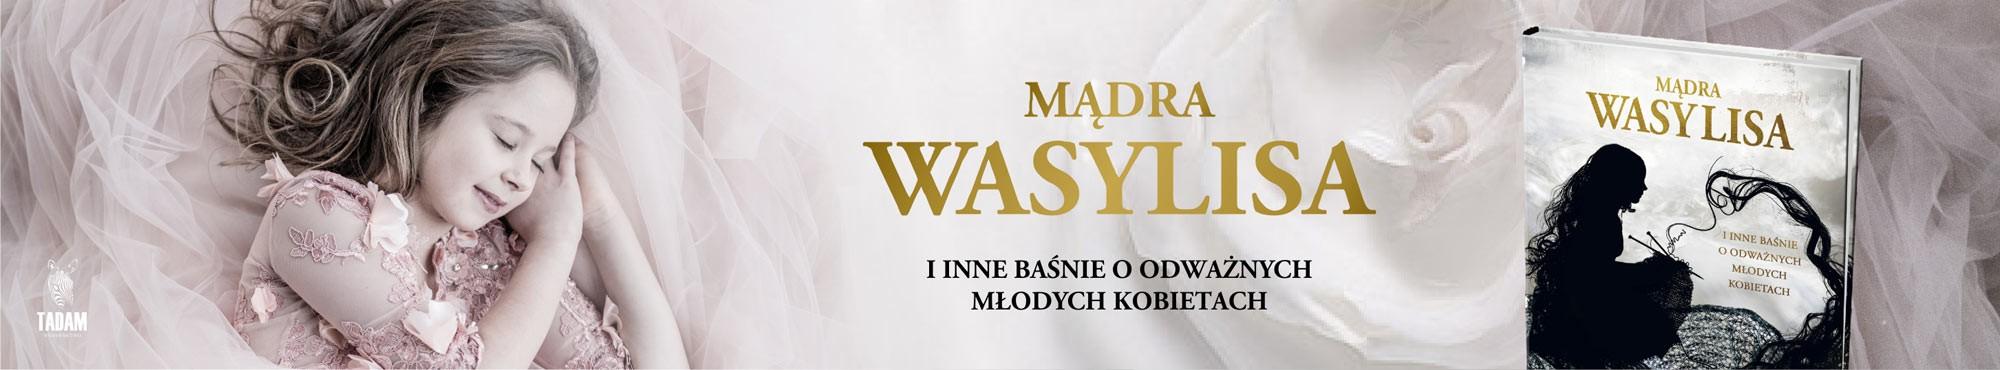 Wasylisa